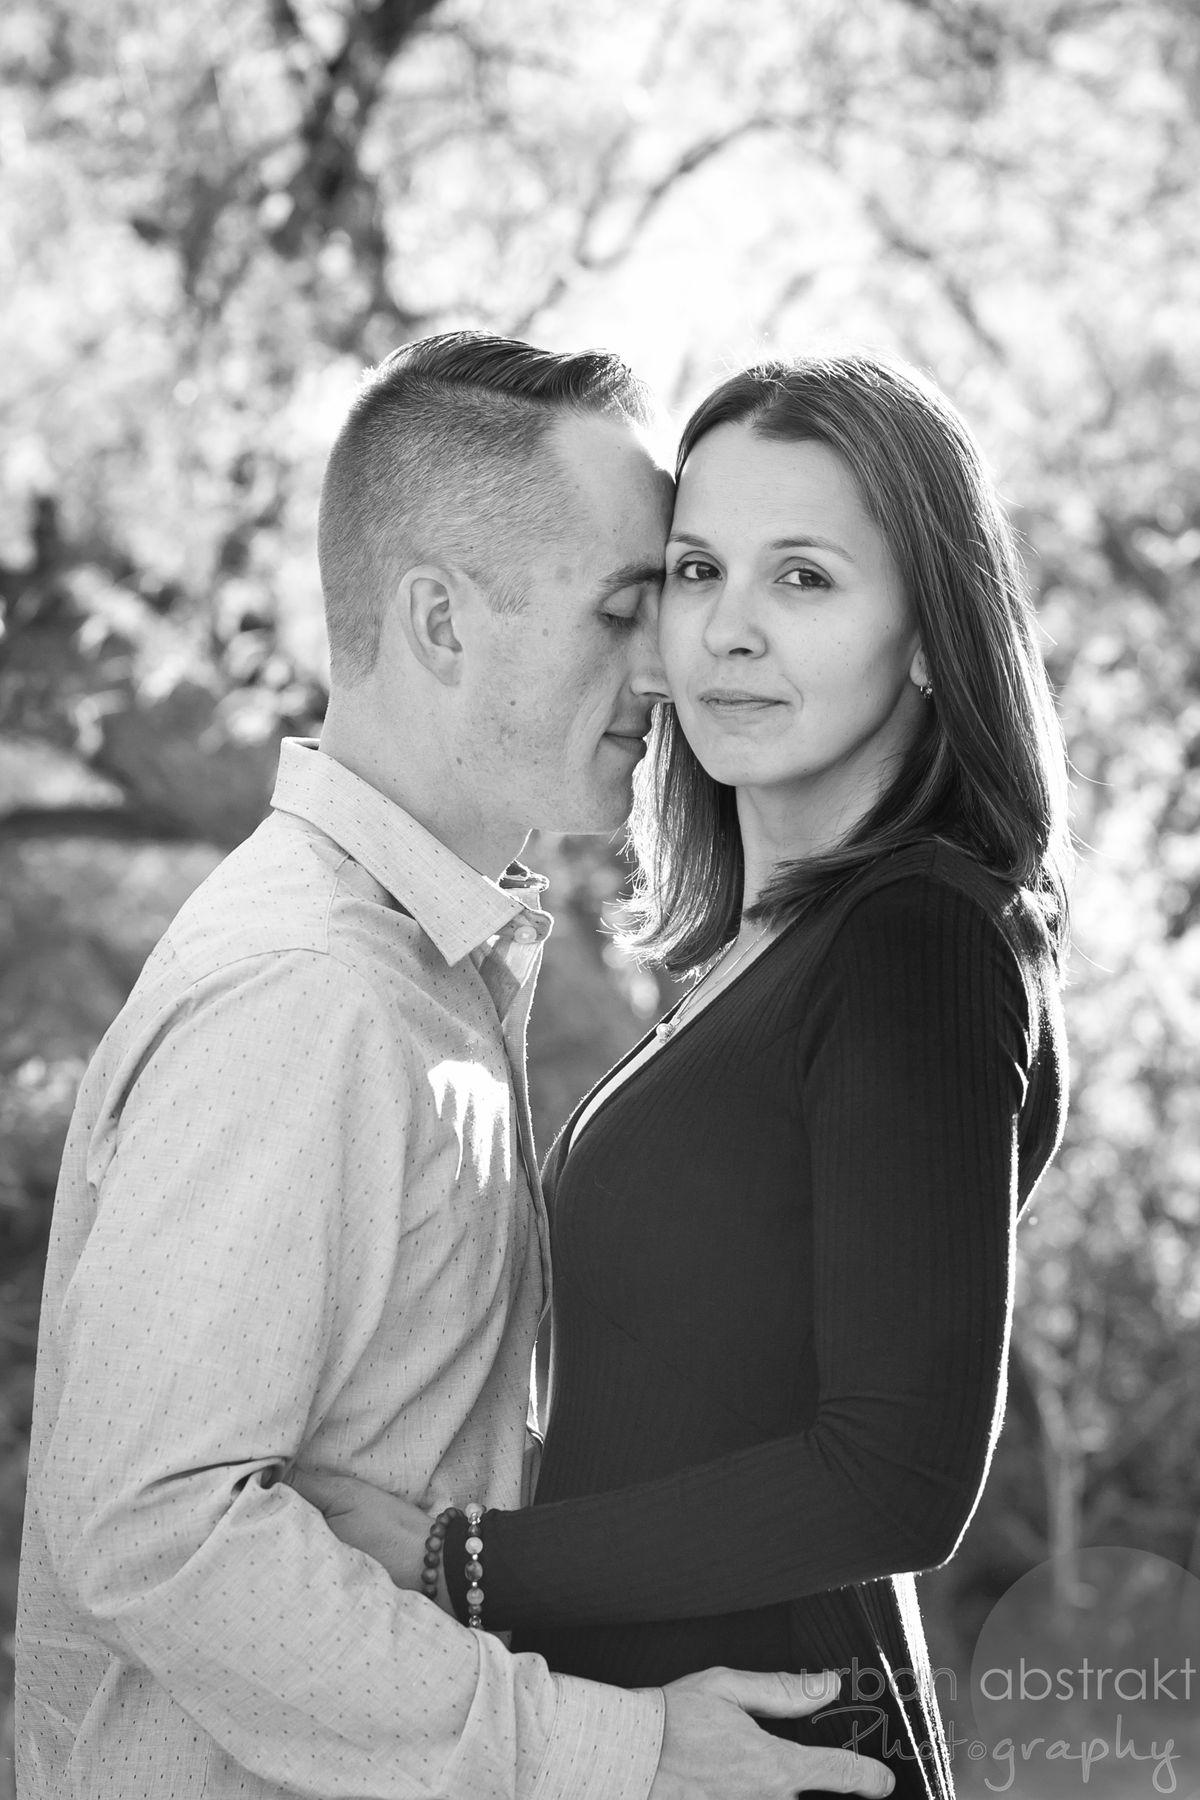 Tucson couples portrait photography